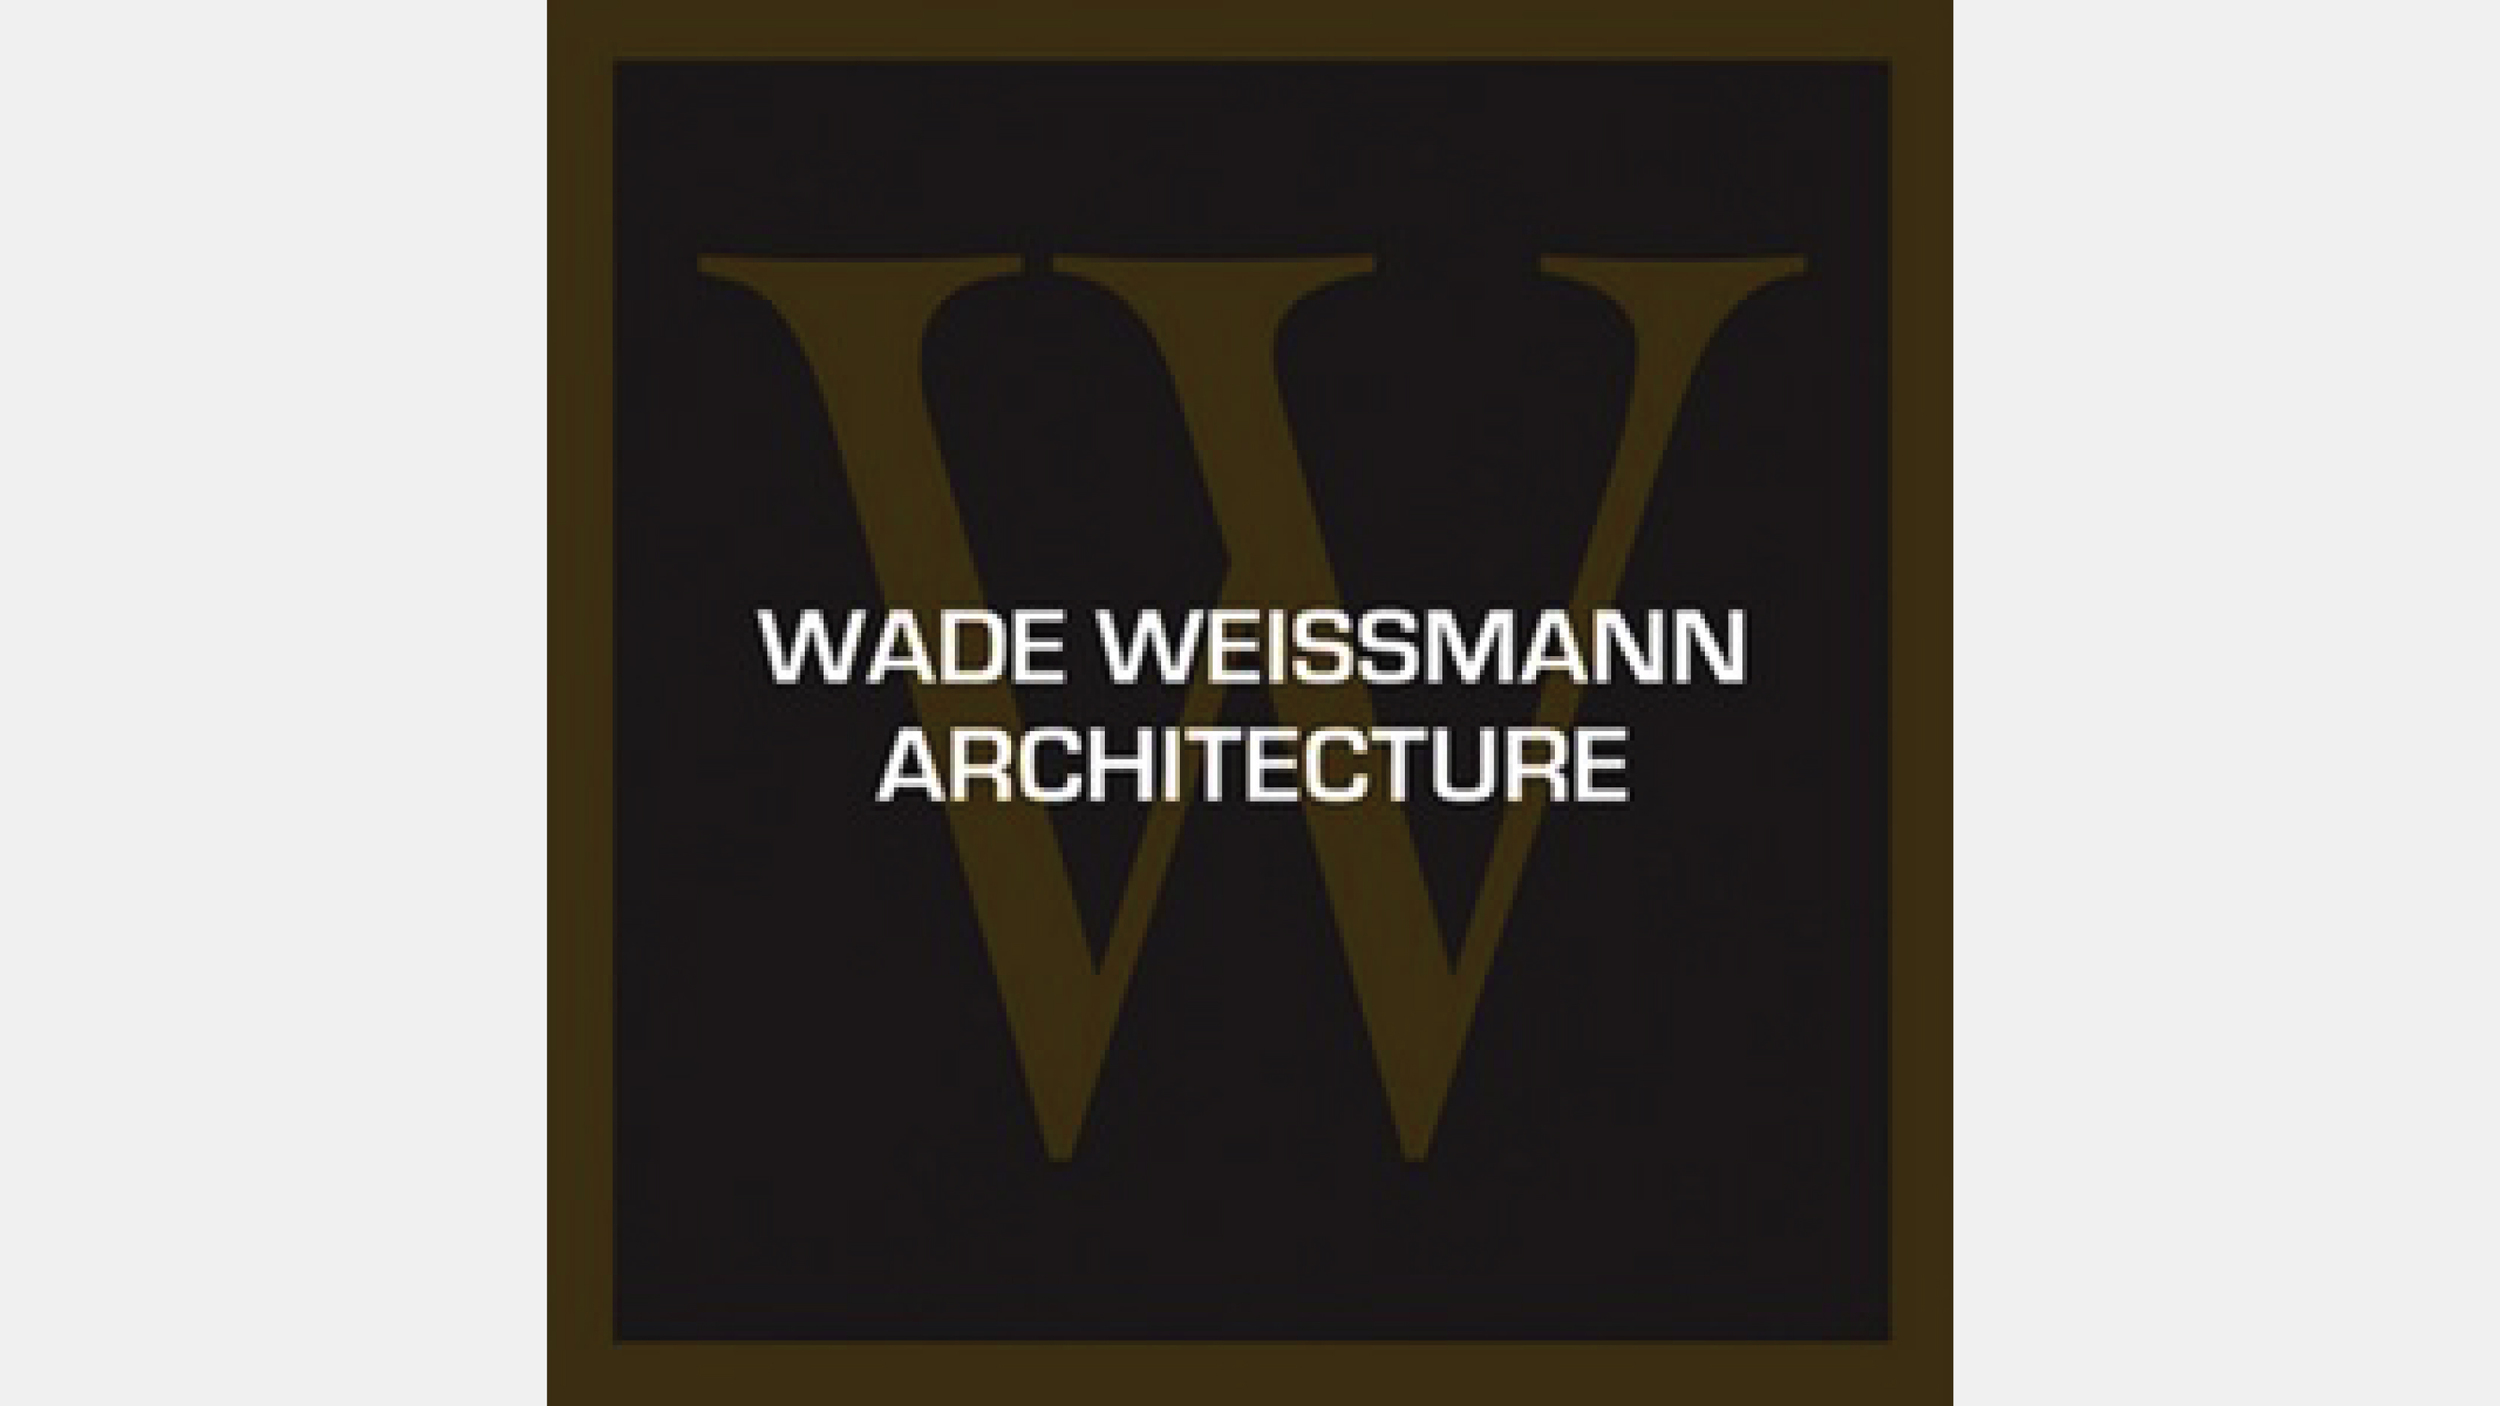 Wade Weissmann Architecture